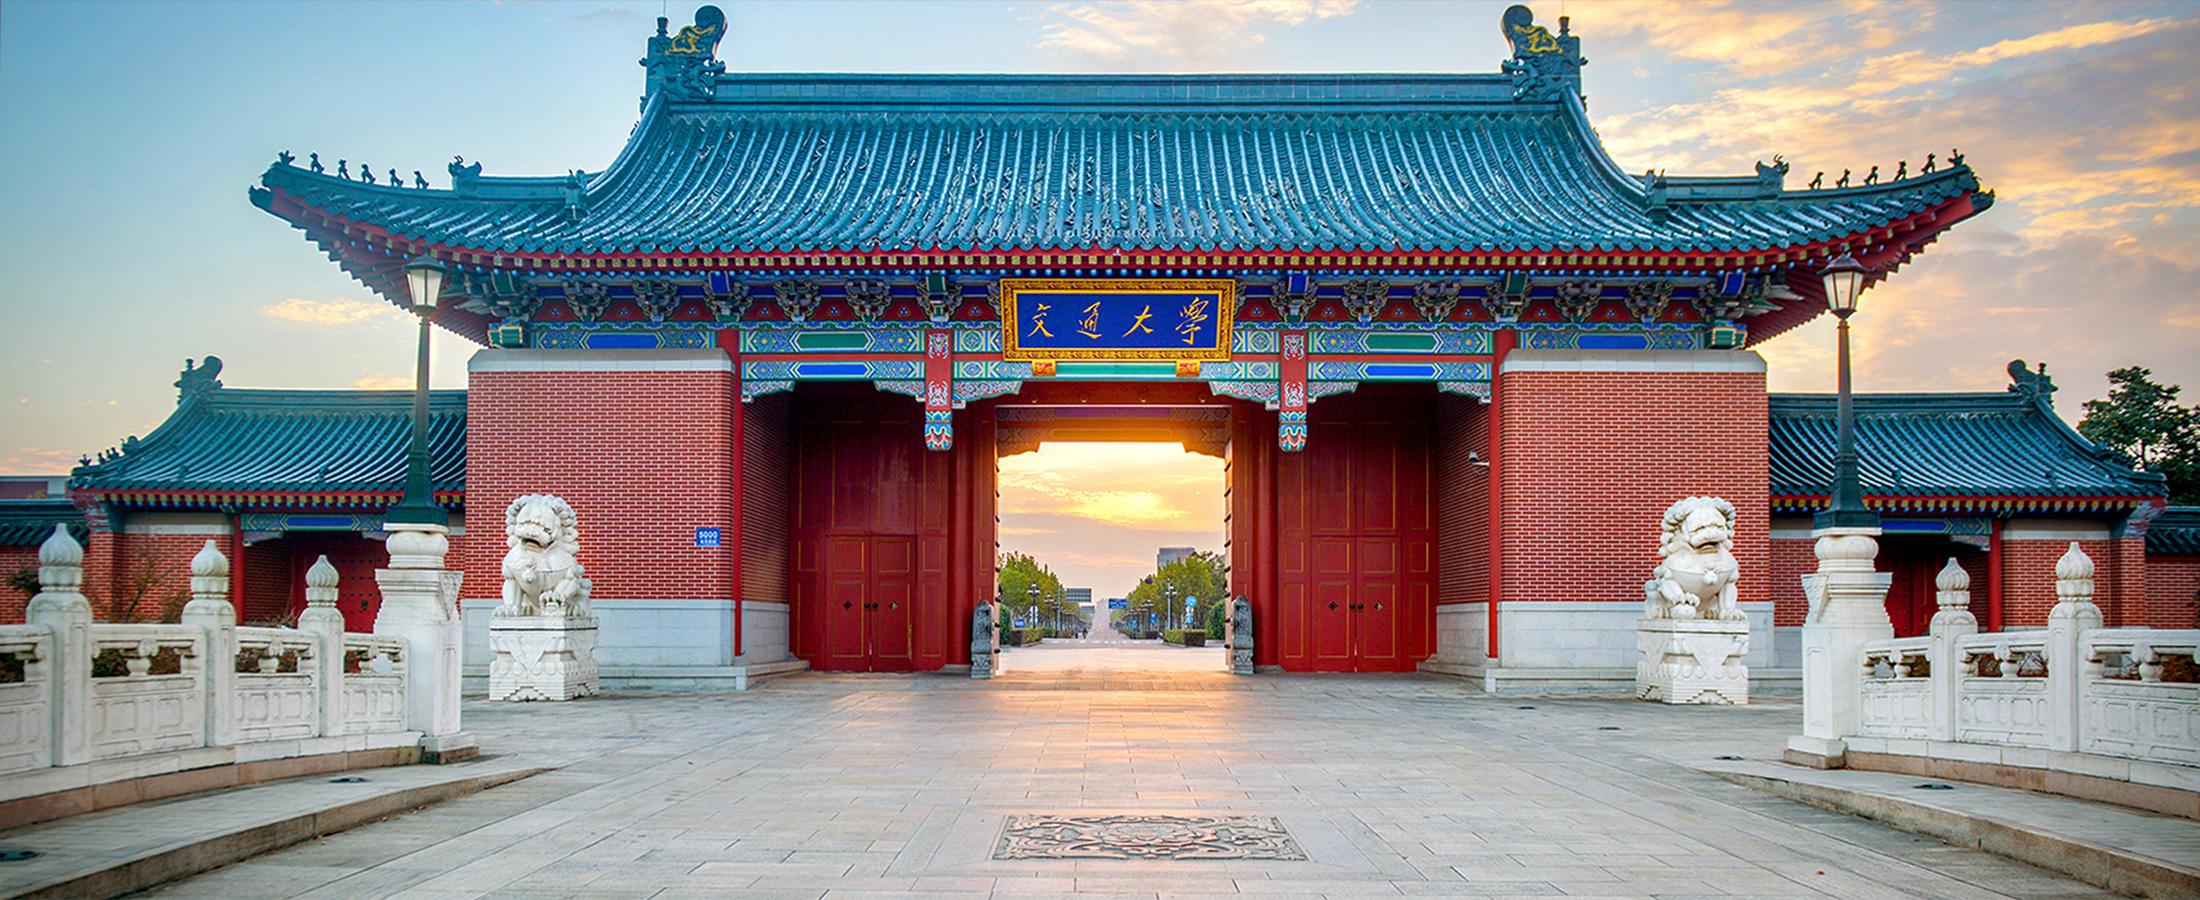 上海交大校园_上海交通大学: 远看一座庙,近看是母校。七千多尼姑,三万多 ...